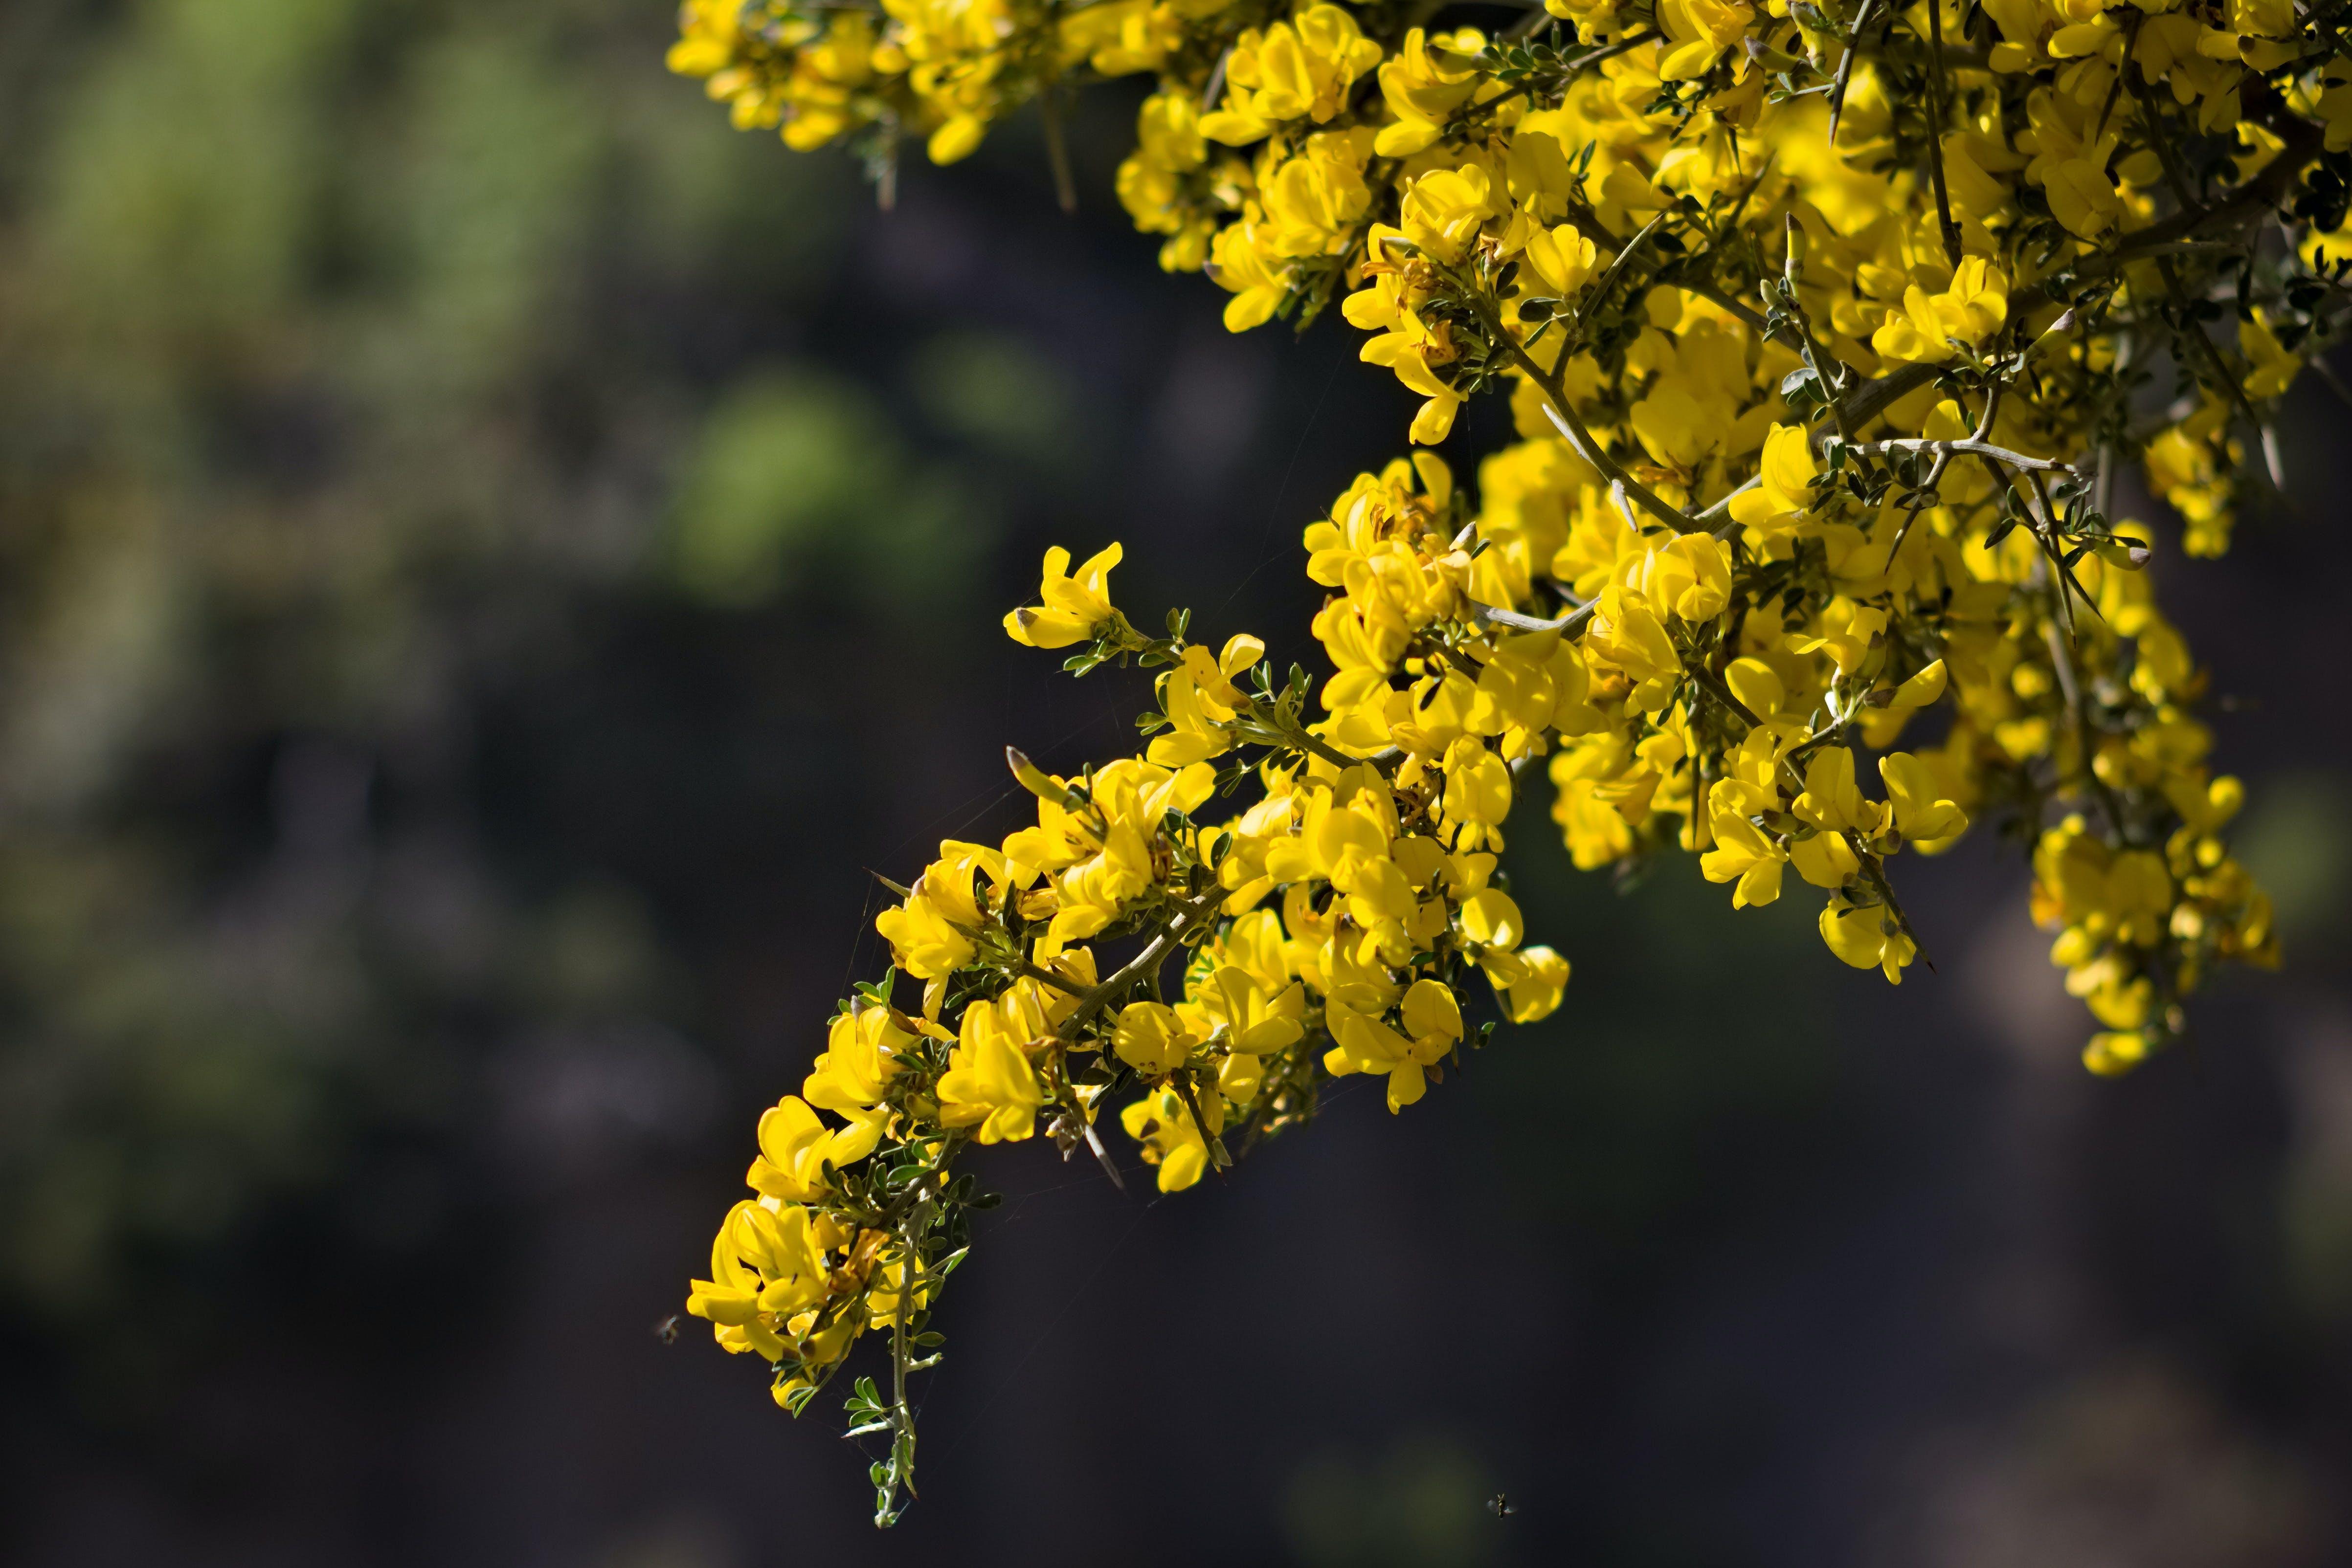 Gratis lagerfoto af blomster, gule blomster, smukke blomster